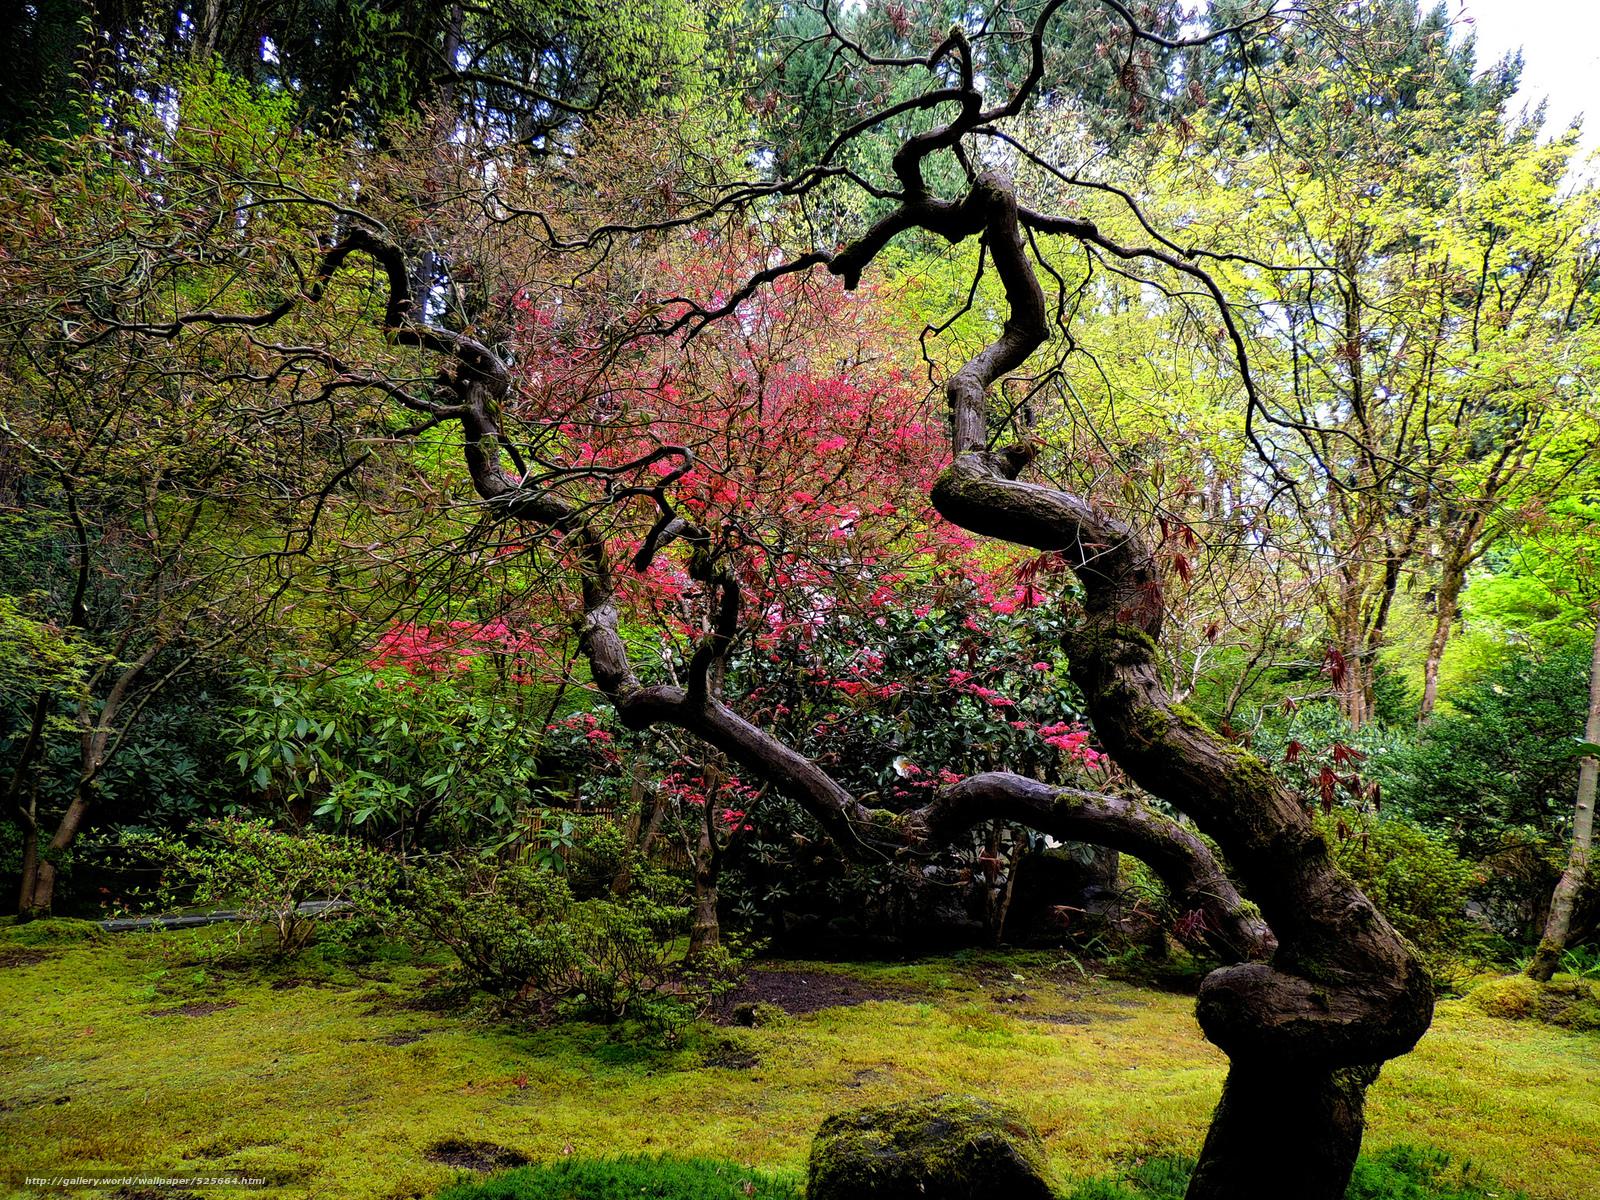 Tlcharger fond d 39 ecran jardin japonais arbre courb for Jardin japonais fond d ecran